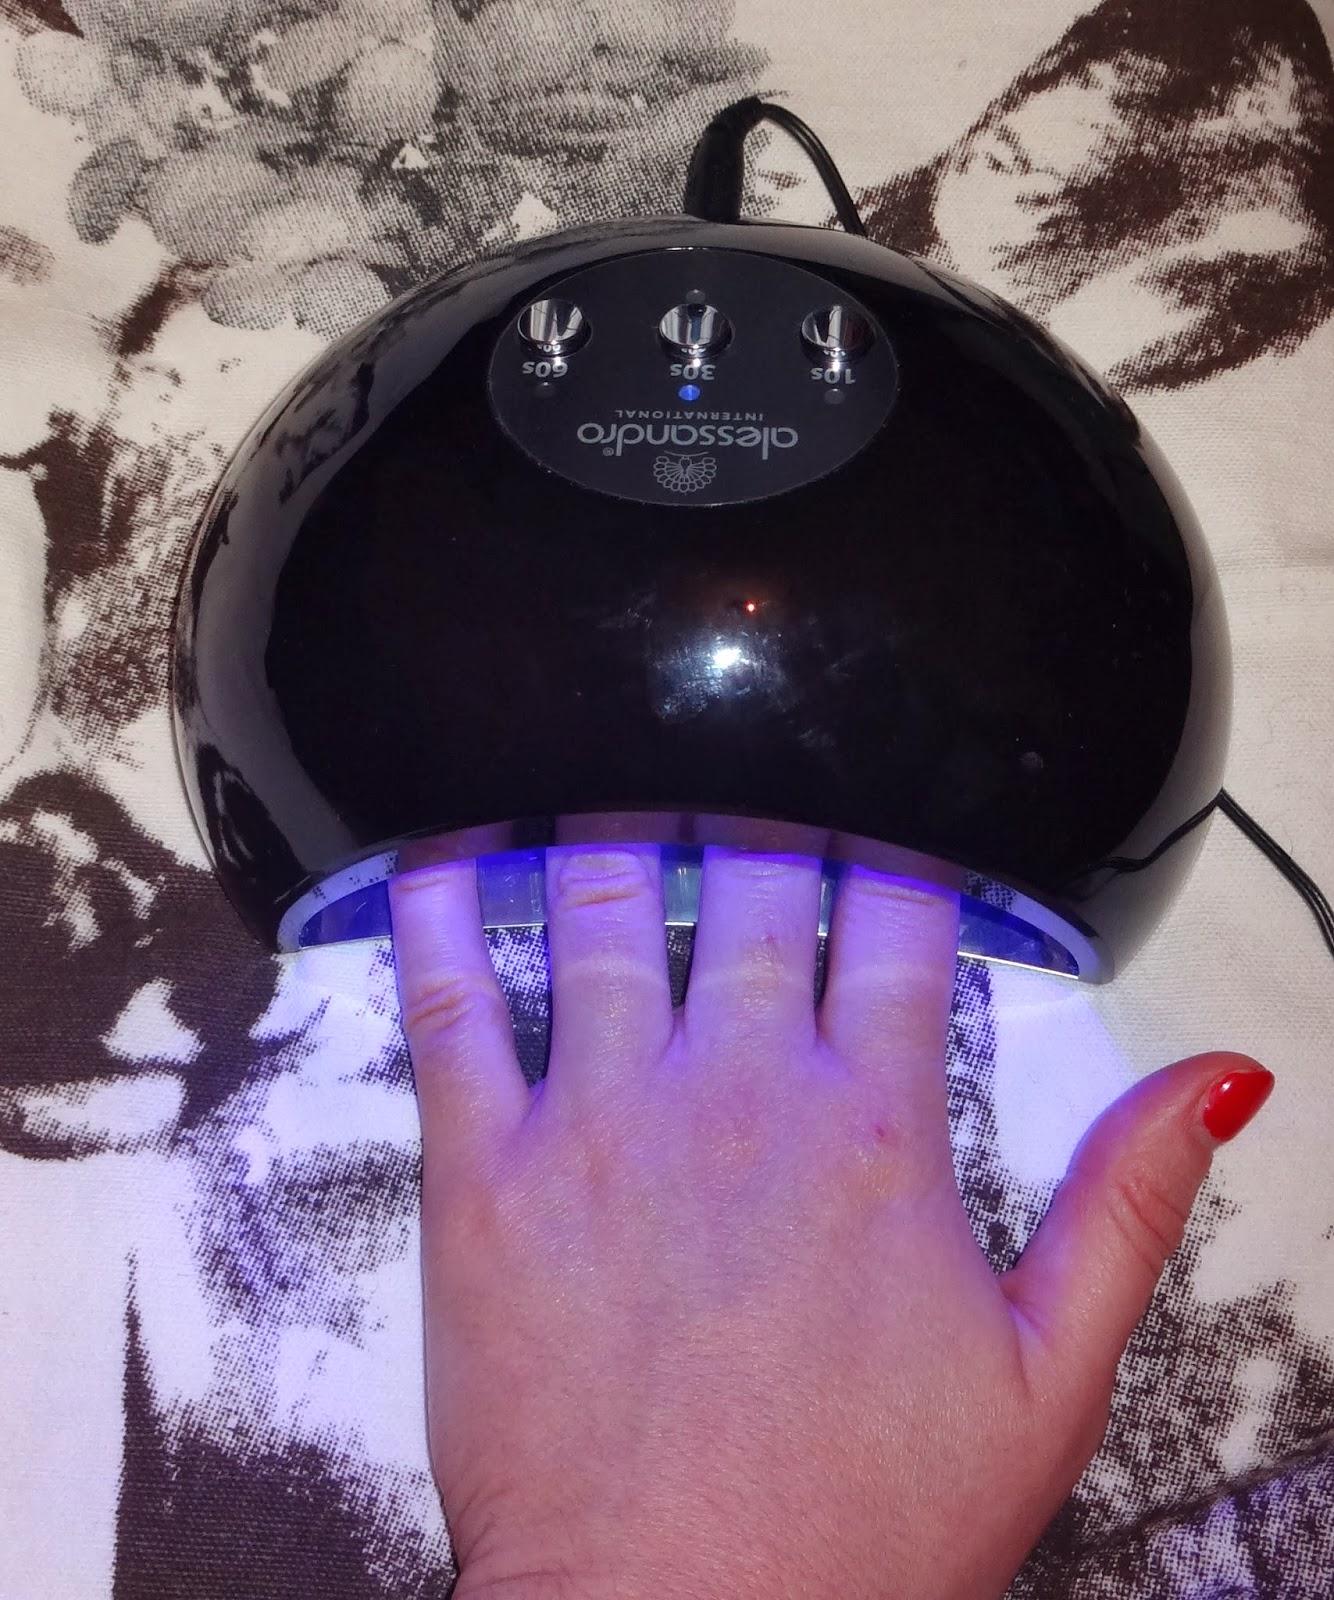 Journal d 39 une beauty paresseuse j ai test striplac d - A quoi sert une lampe uv pour les ongles ...